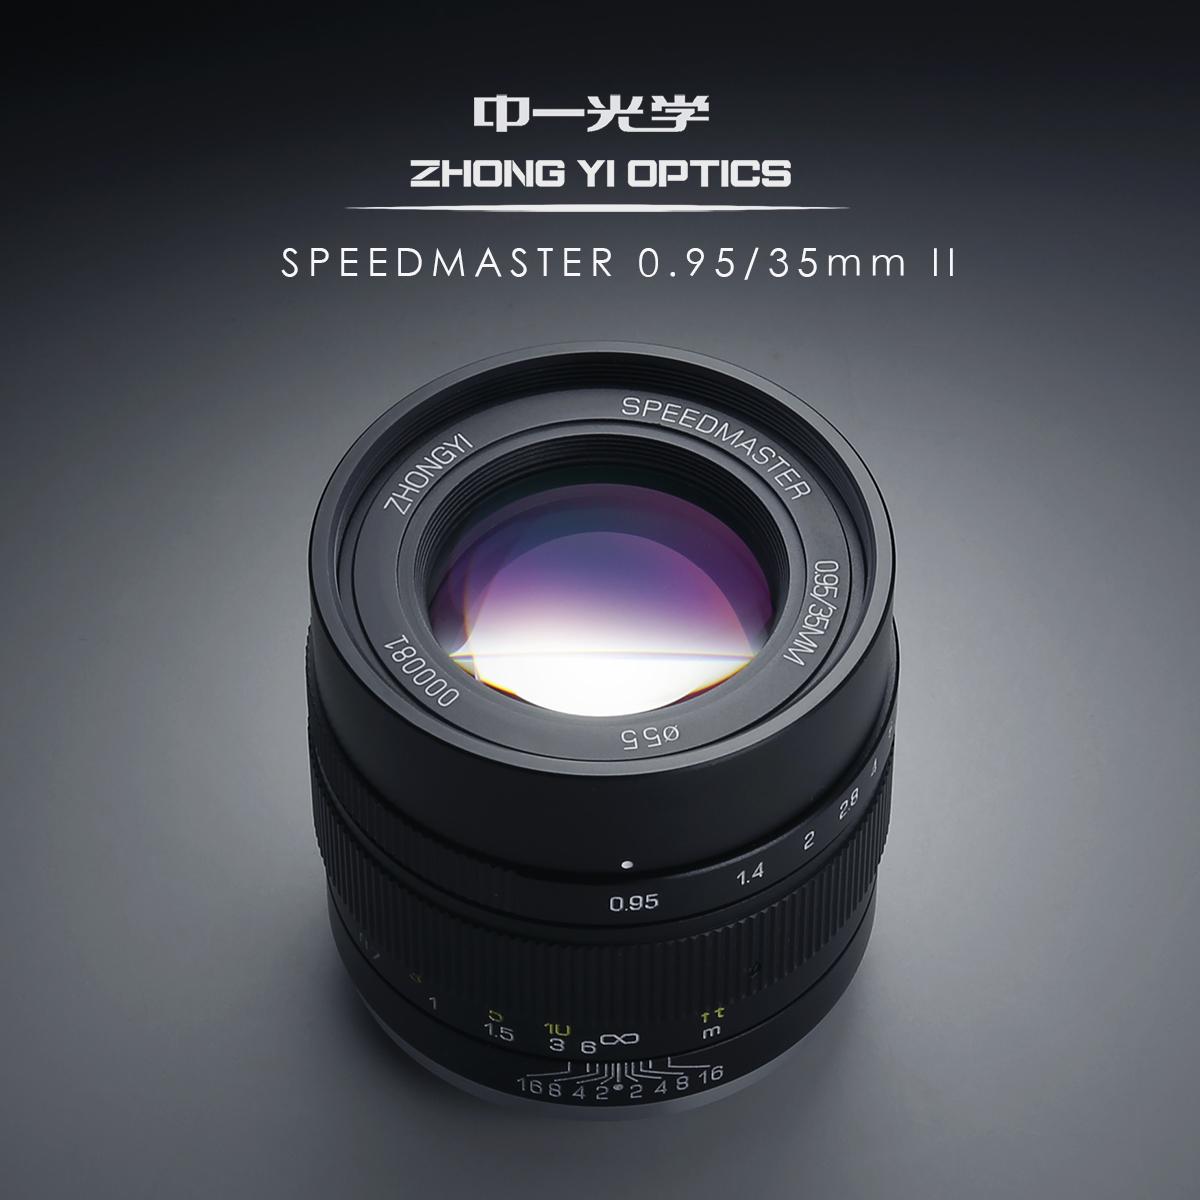 中一光学 | ZHONG YI OPTICS SPEEDMASTER 35mm F0.95 II - フジフィルムXマウント 単焦点レンズ